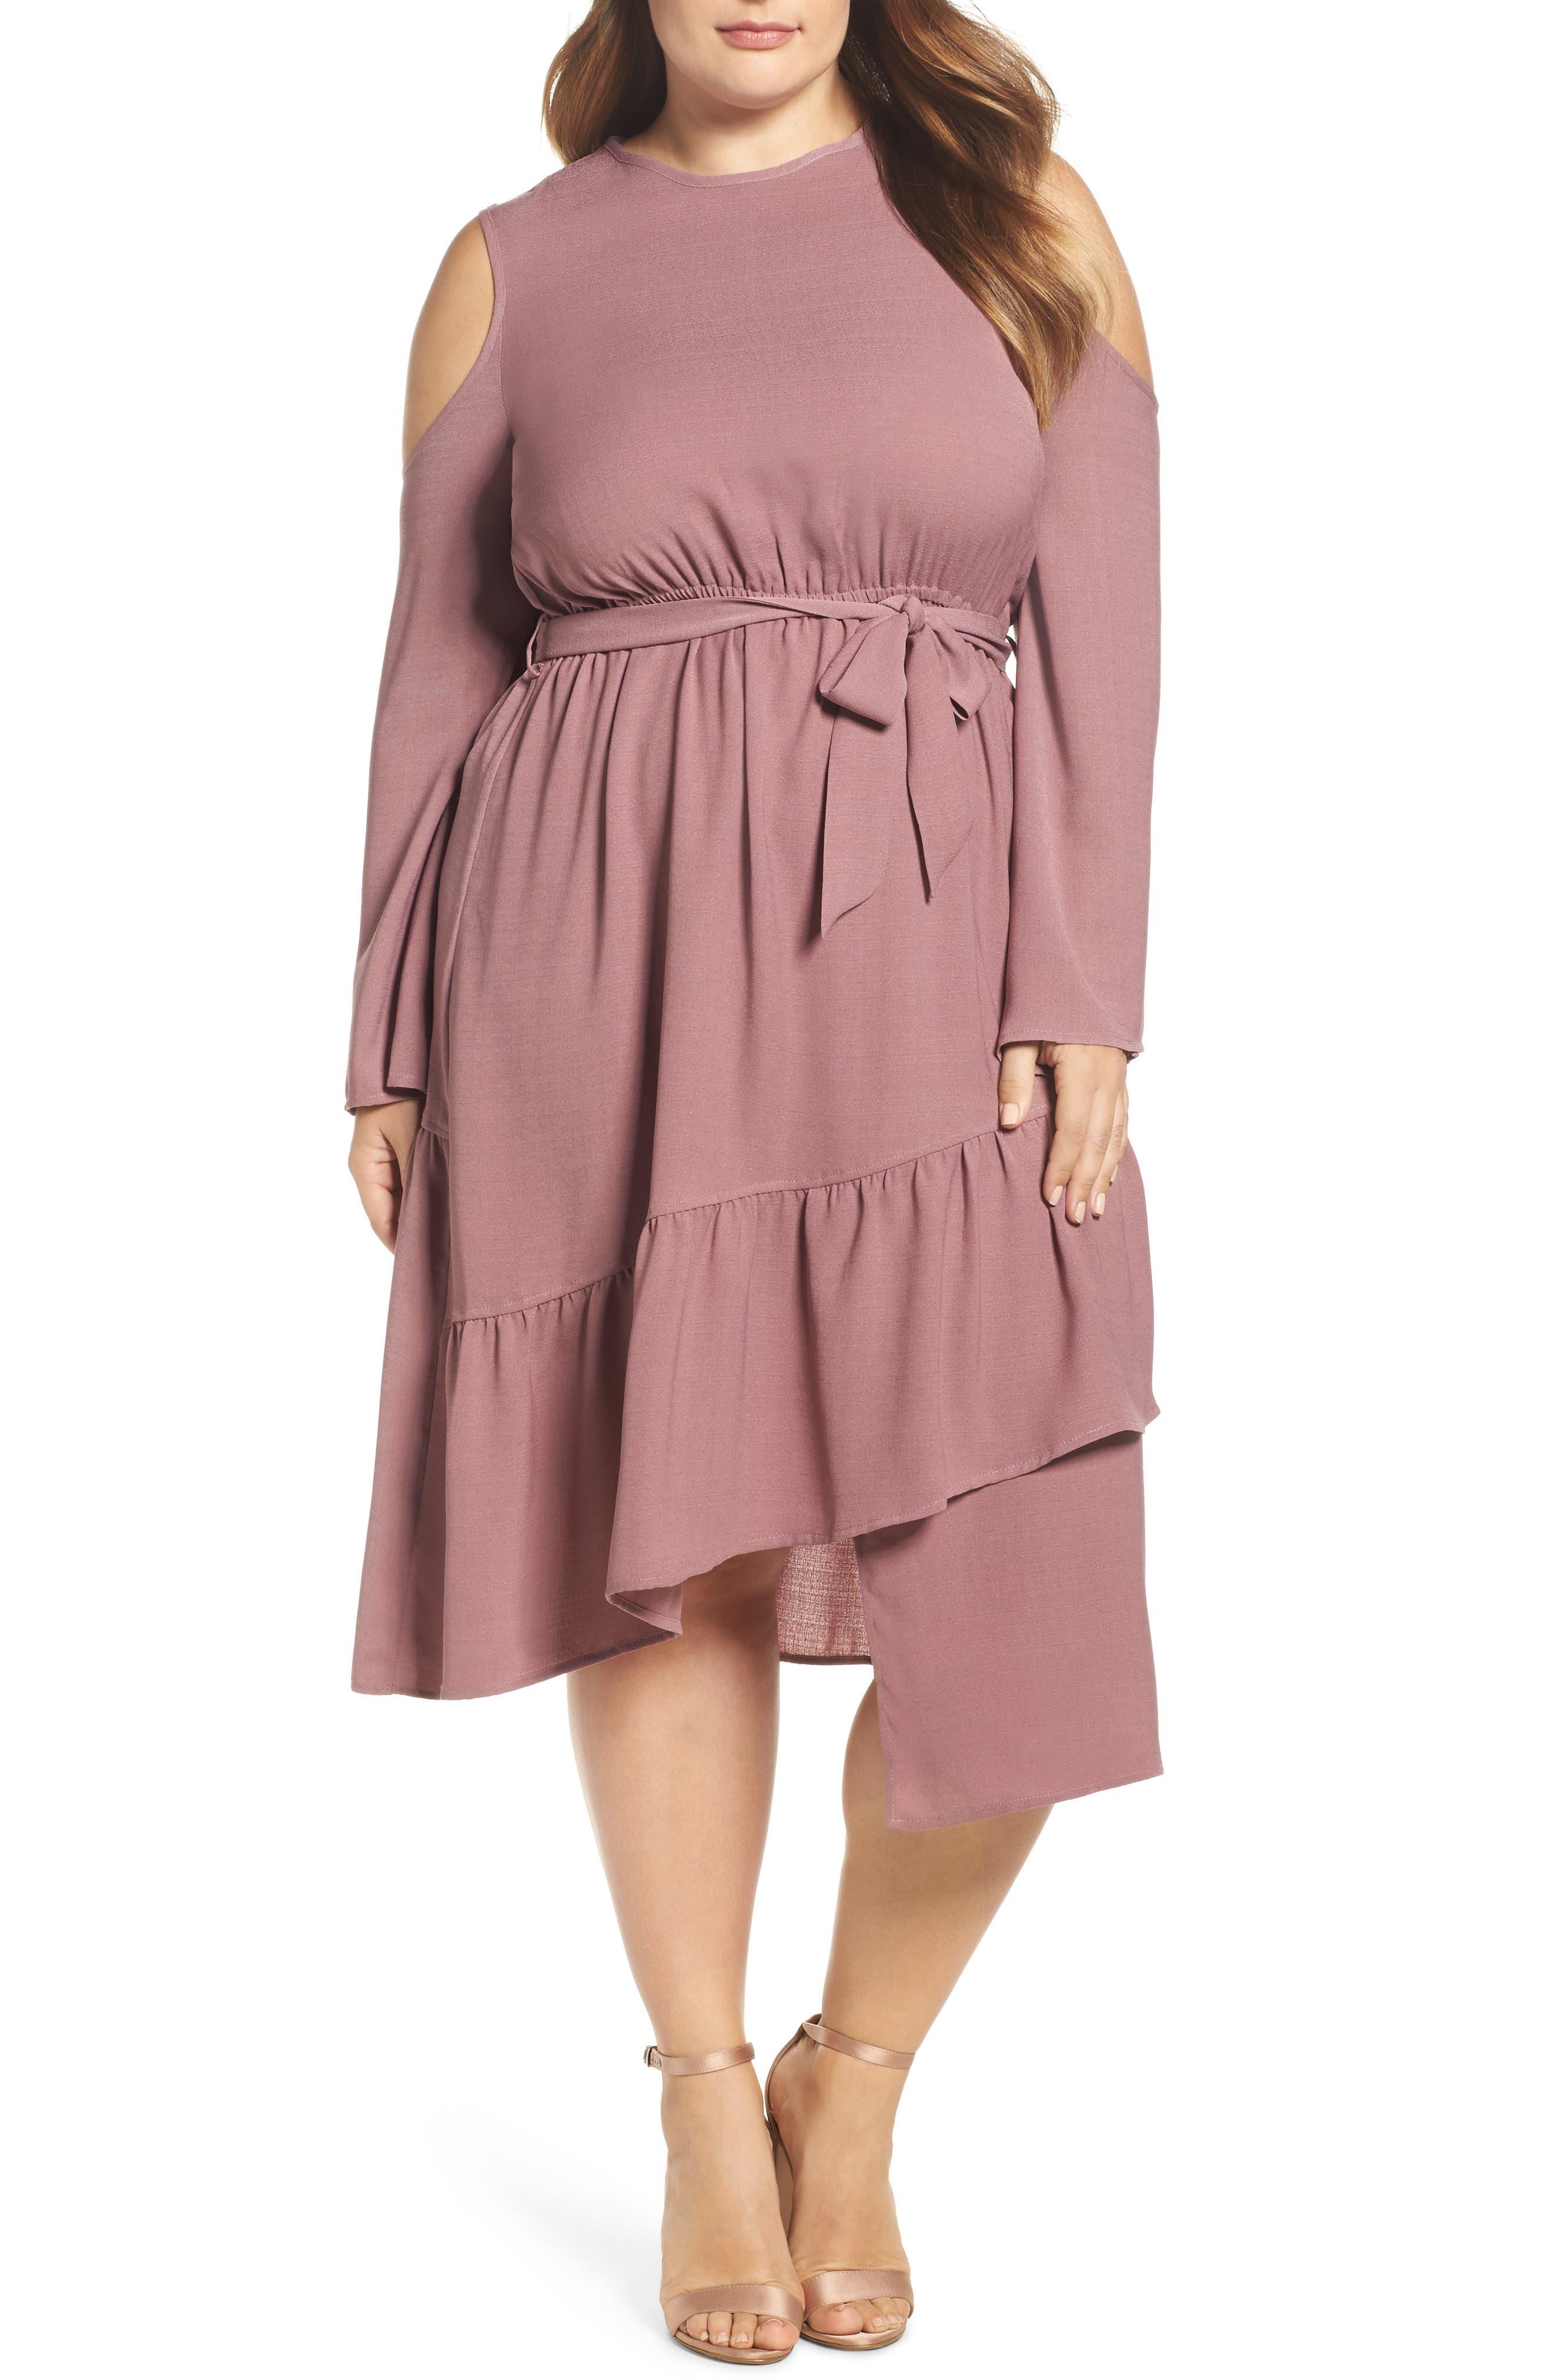 Alternate Image 1 Selected - LOST INK Cold Shoulder A-Line Dress (Plus Size)